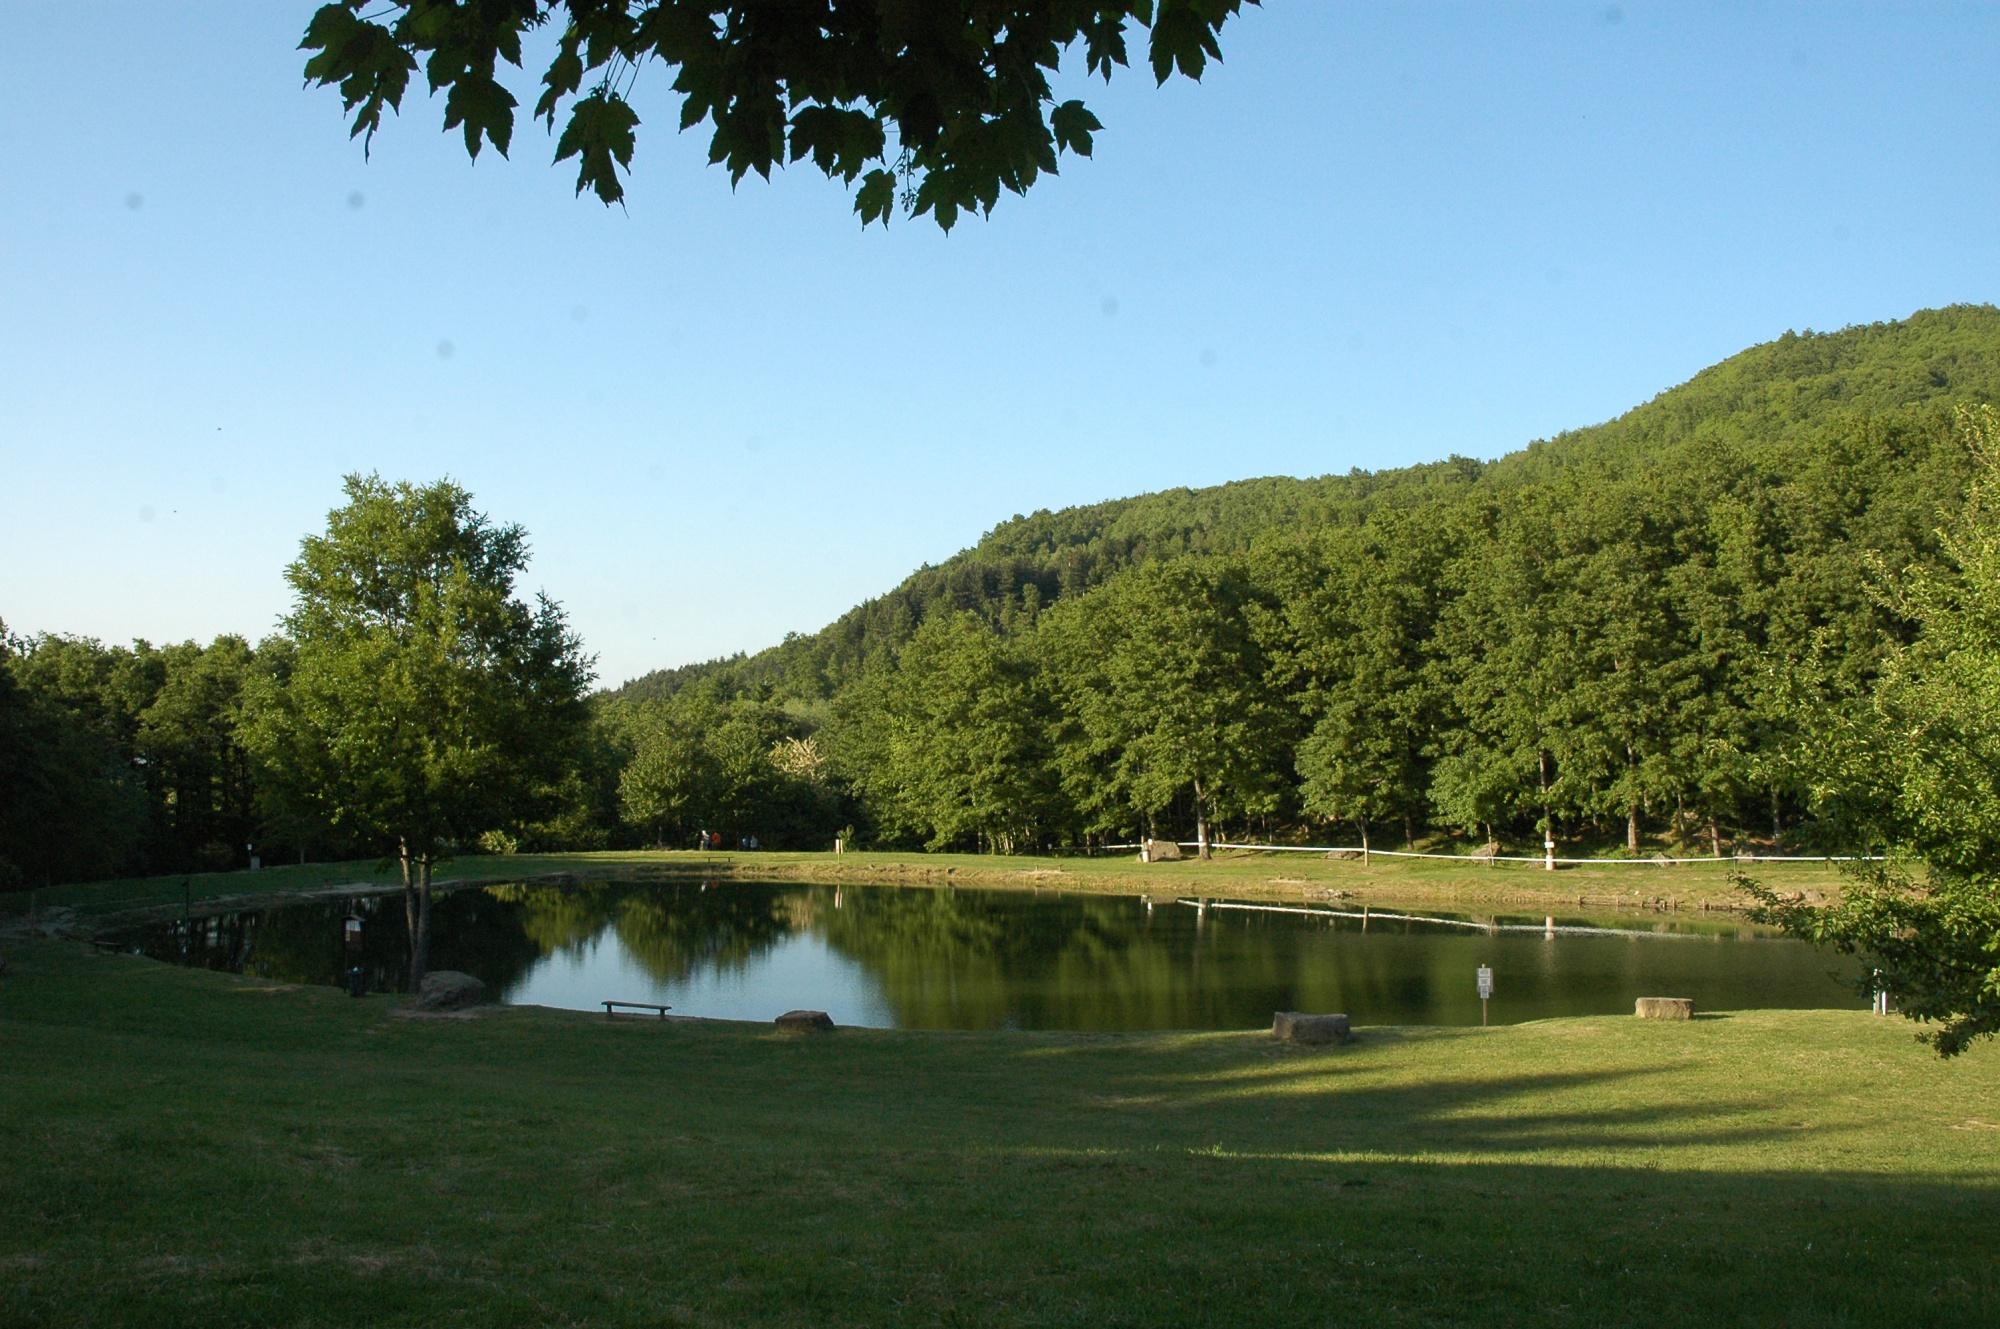 Parco laghi - Parco laghi bagno di romagna ...